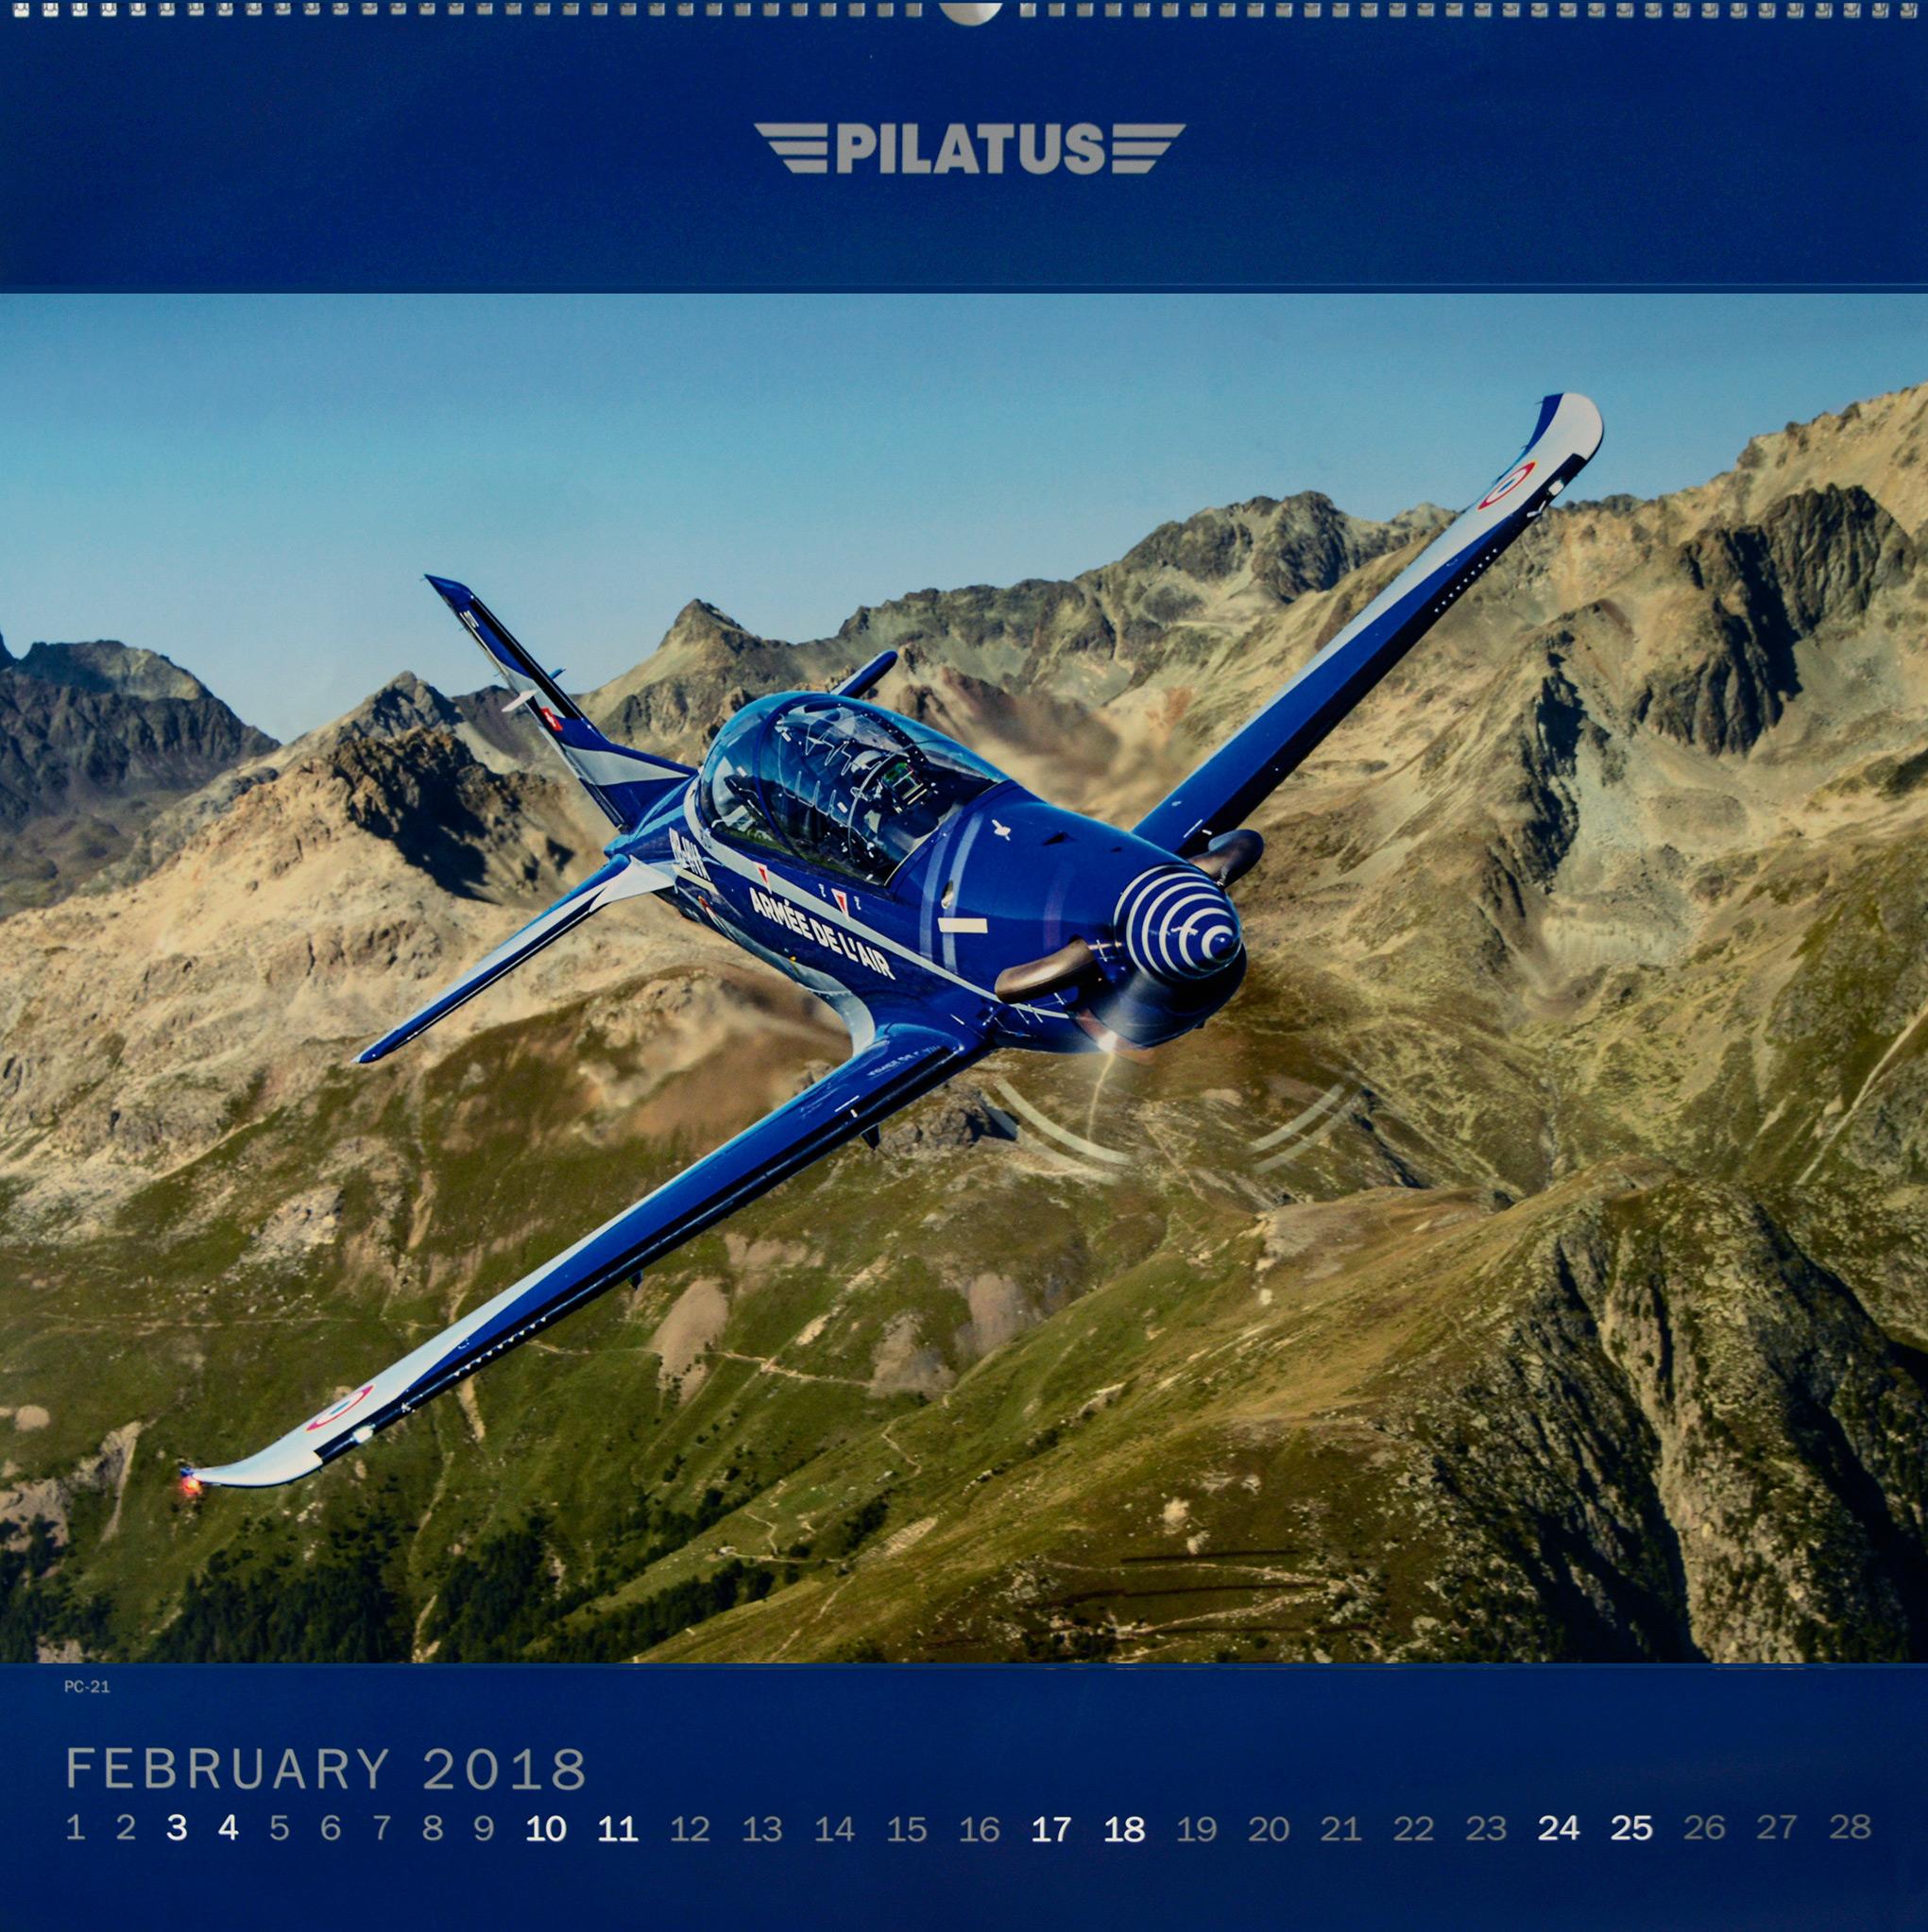 Pilatus Calendar, Feb 2018. Shot from a Shorts Skyvan flown by Philip Artweger.